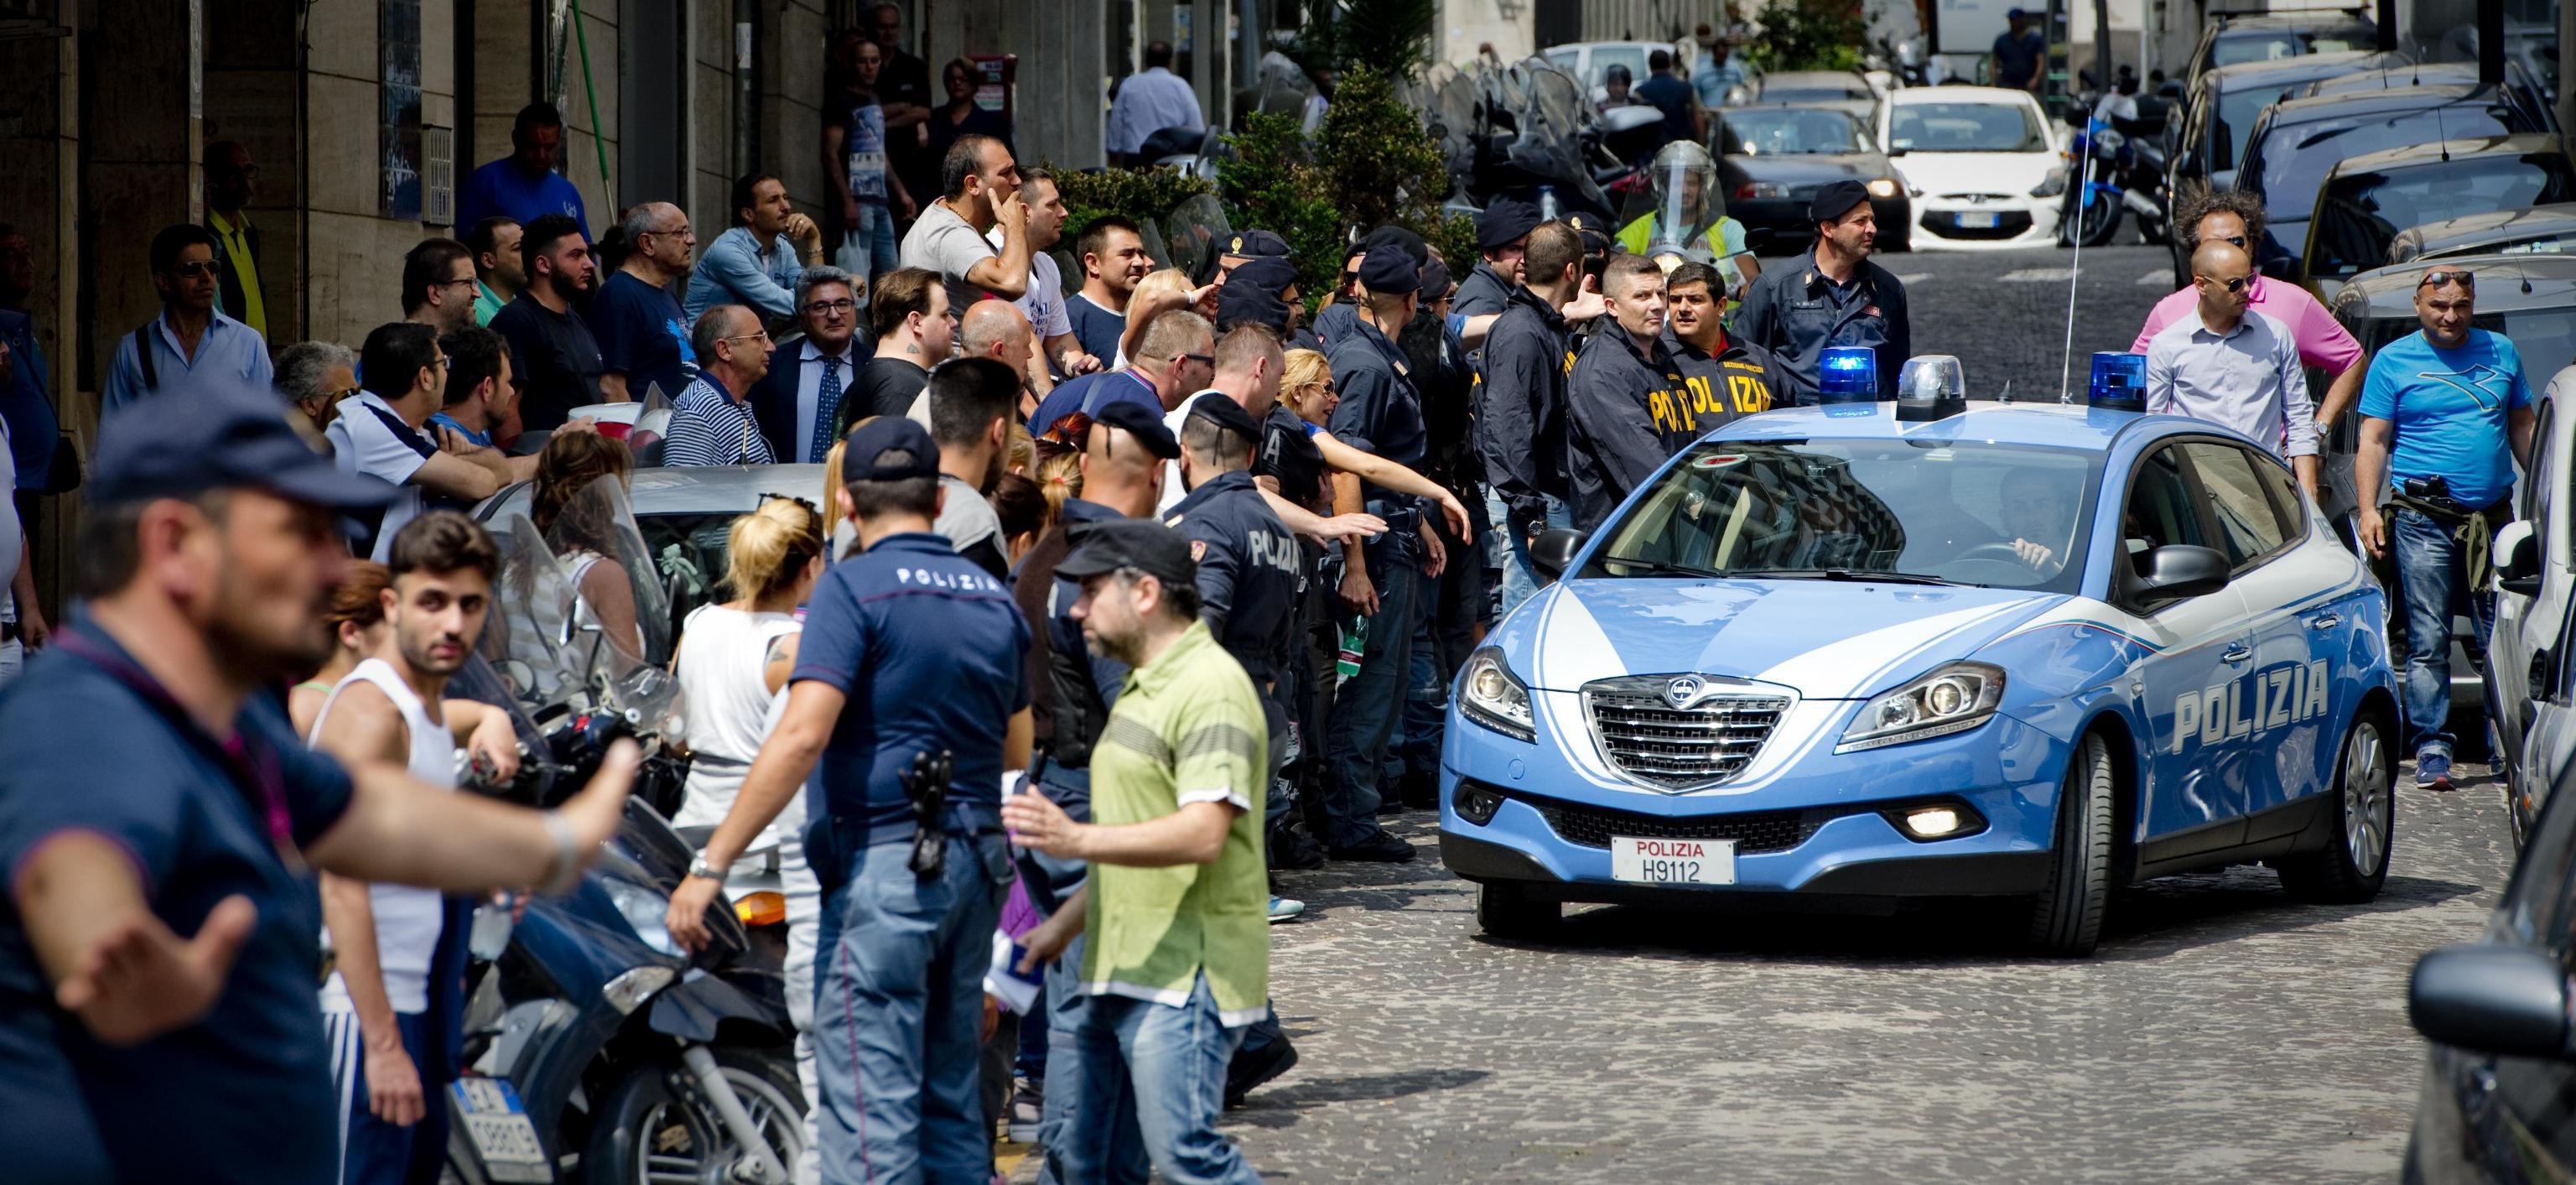 Forcella: ancora spari nella notte a Napoli, morto il baby boss Emanuele Sibillo